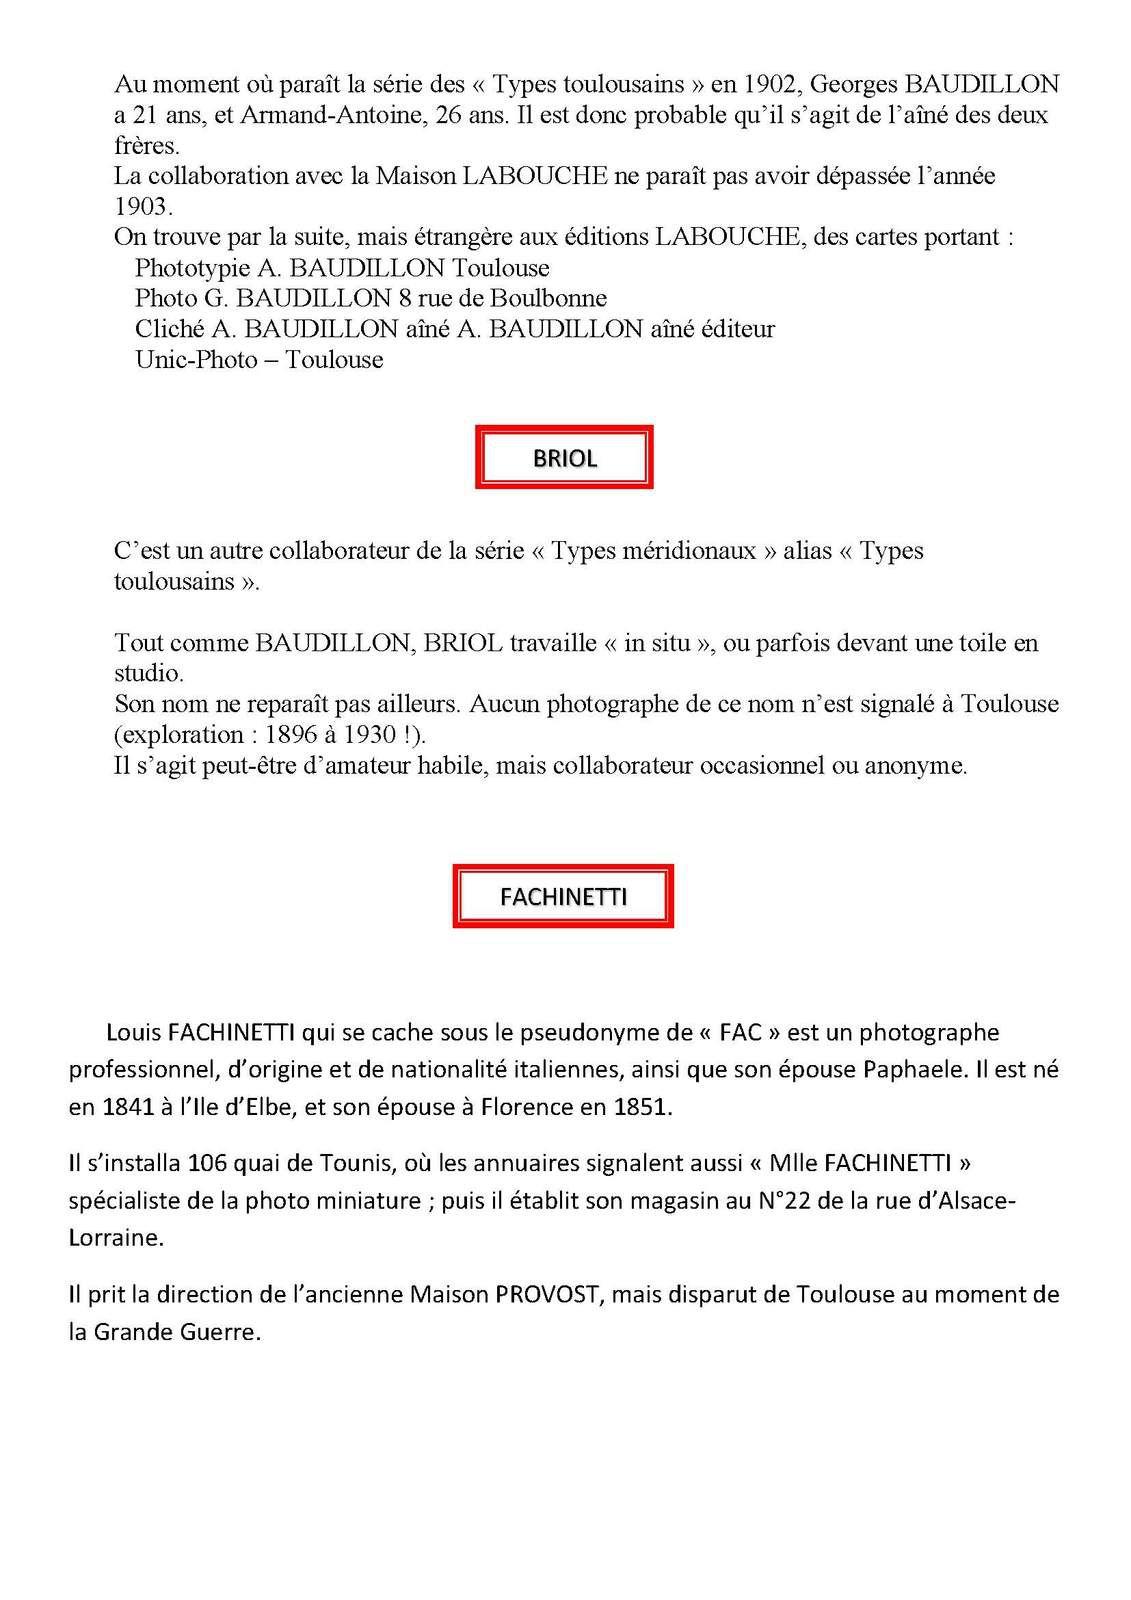 Cartes postales LABOUCHE frères article 2